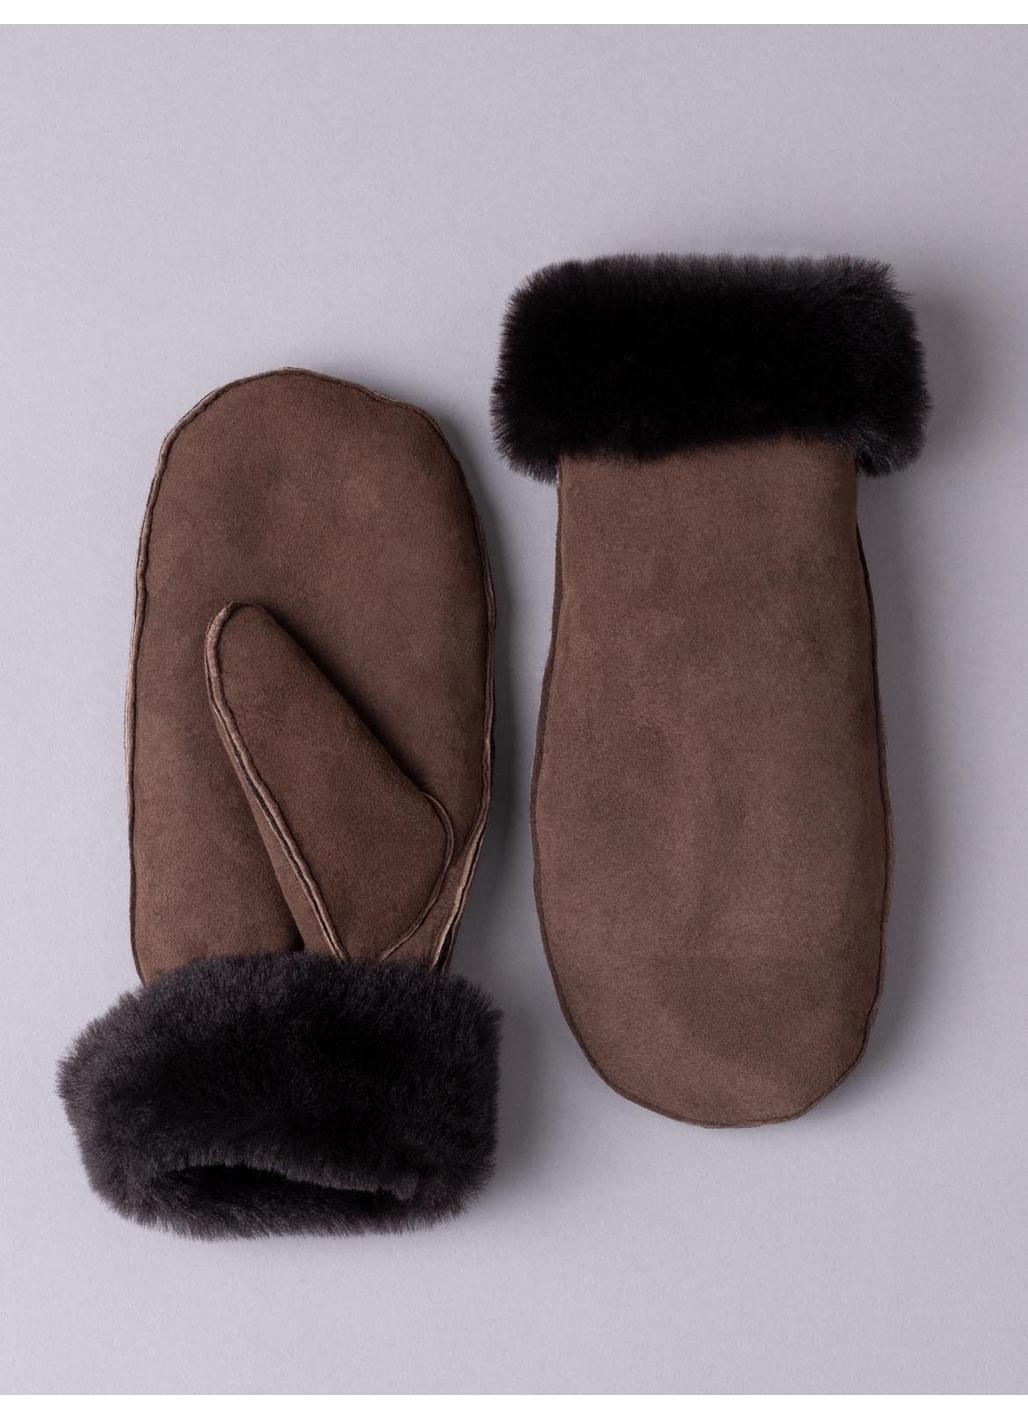 Ladies' Classic Sheepskin Mittens in Dark Brown